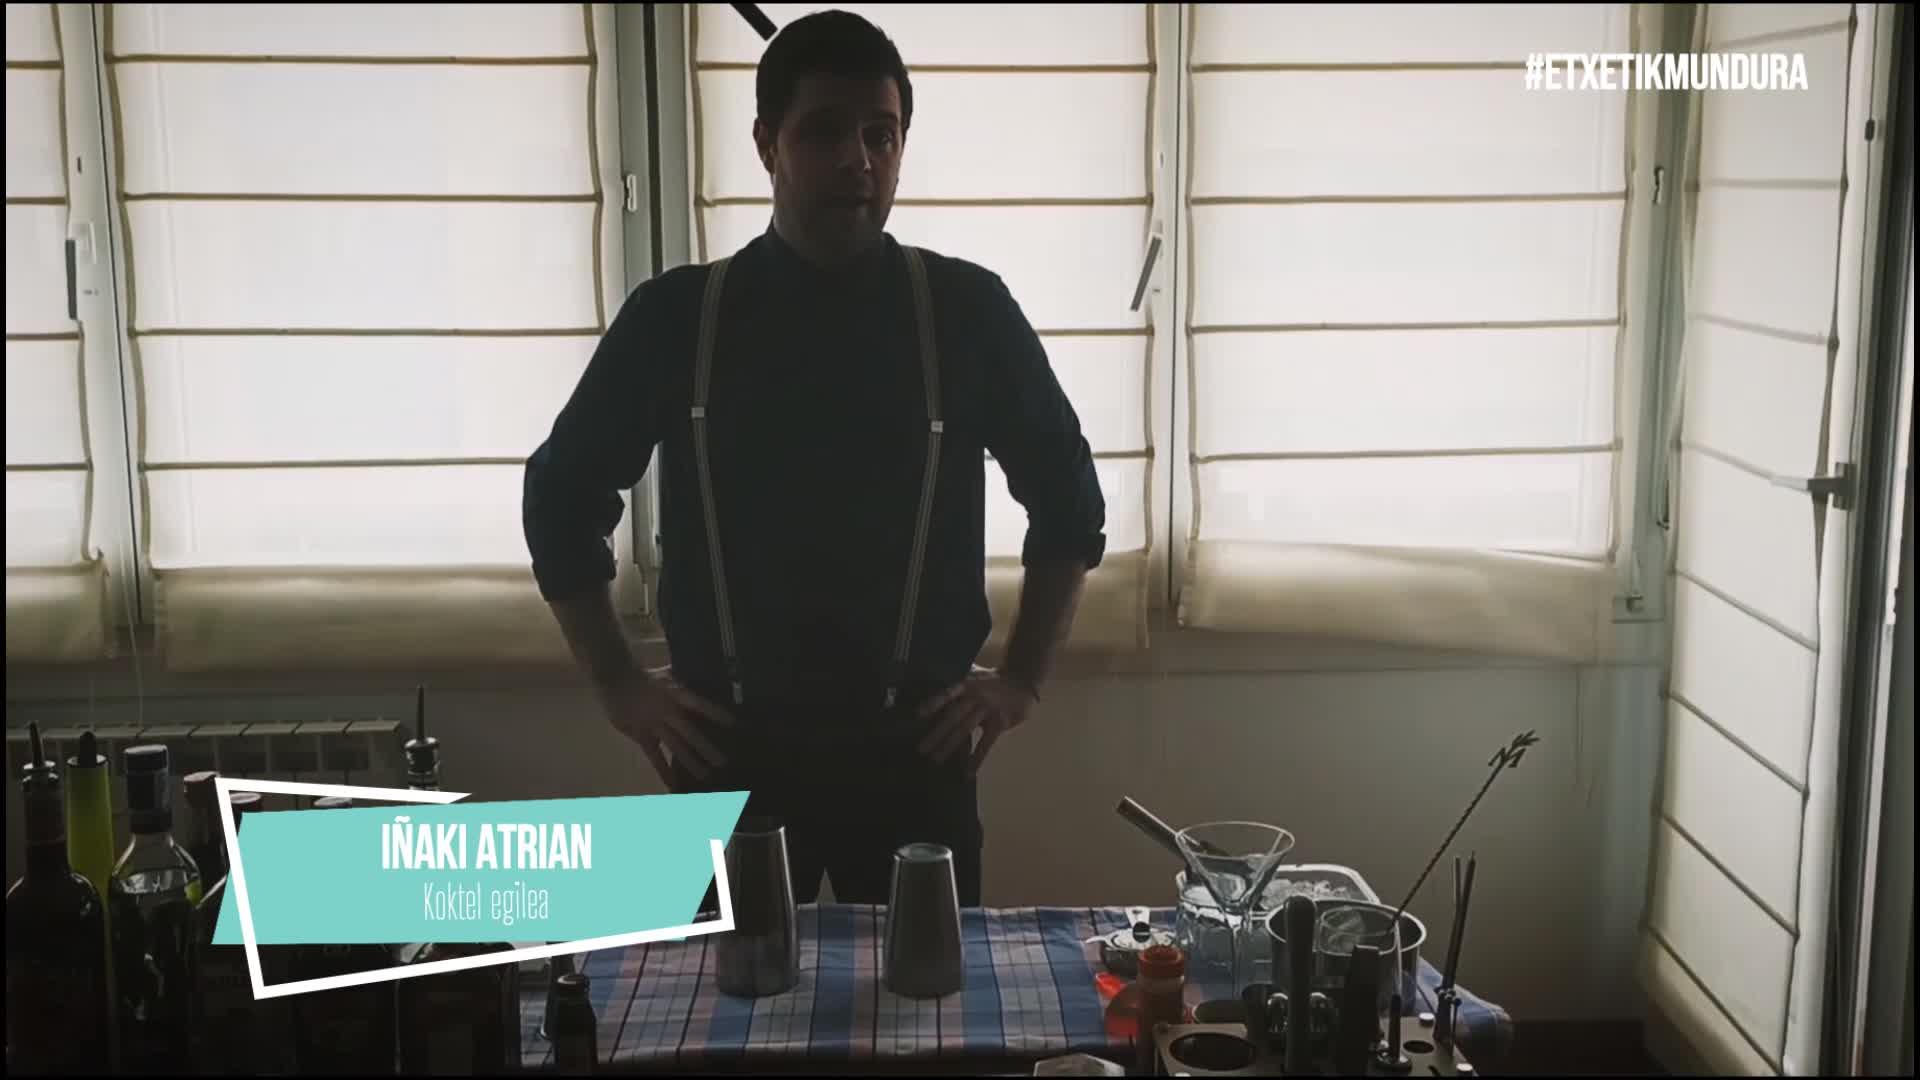 Iñaki Atrian kokteleroa, etxetik mundura